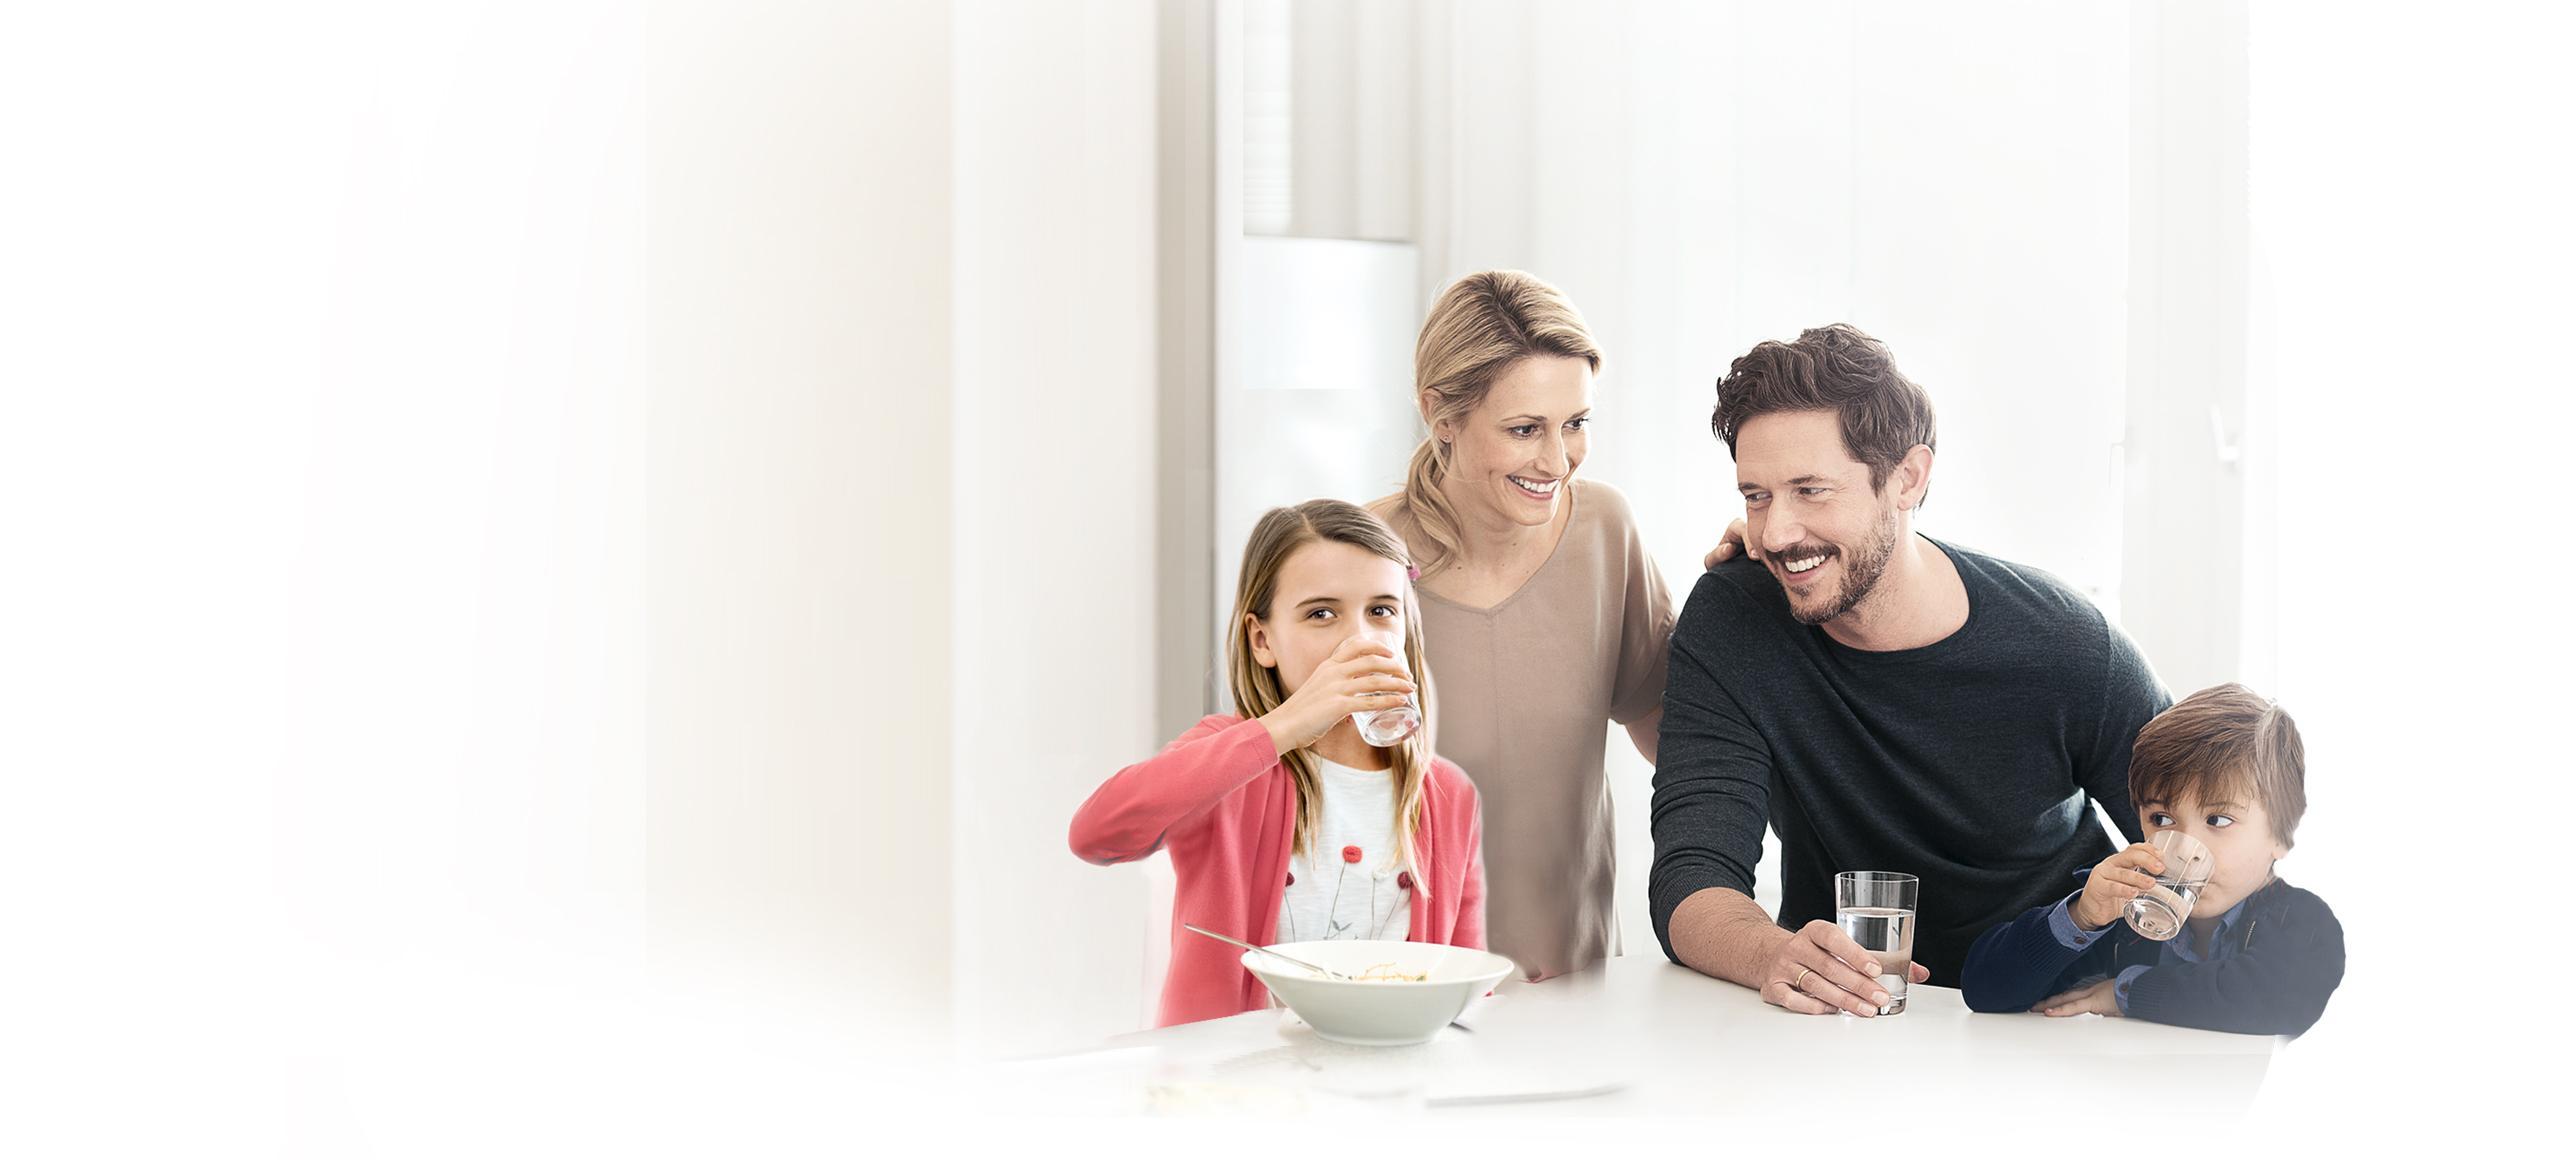 Rodina okolo kuchynského stola